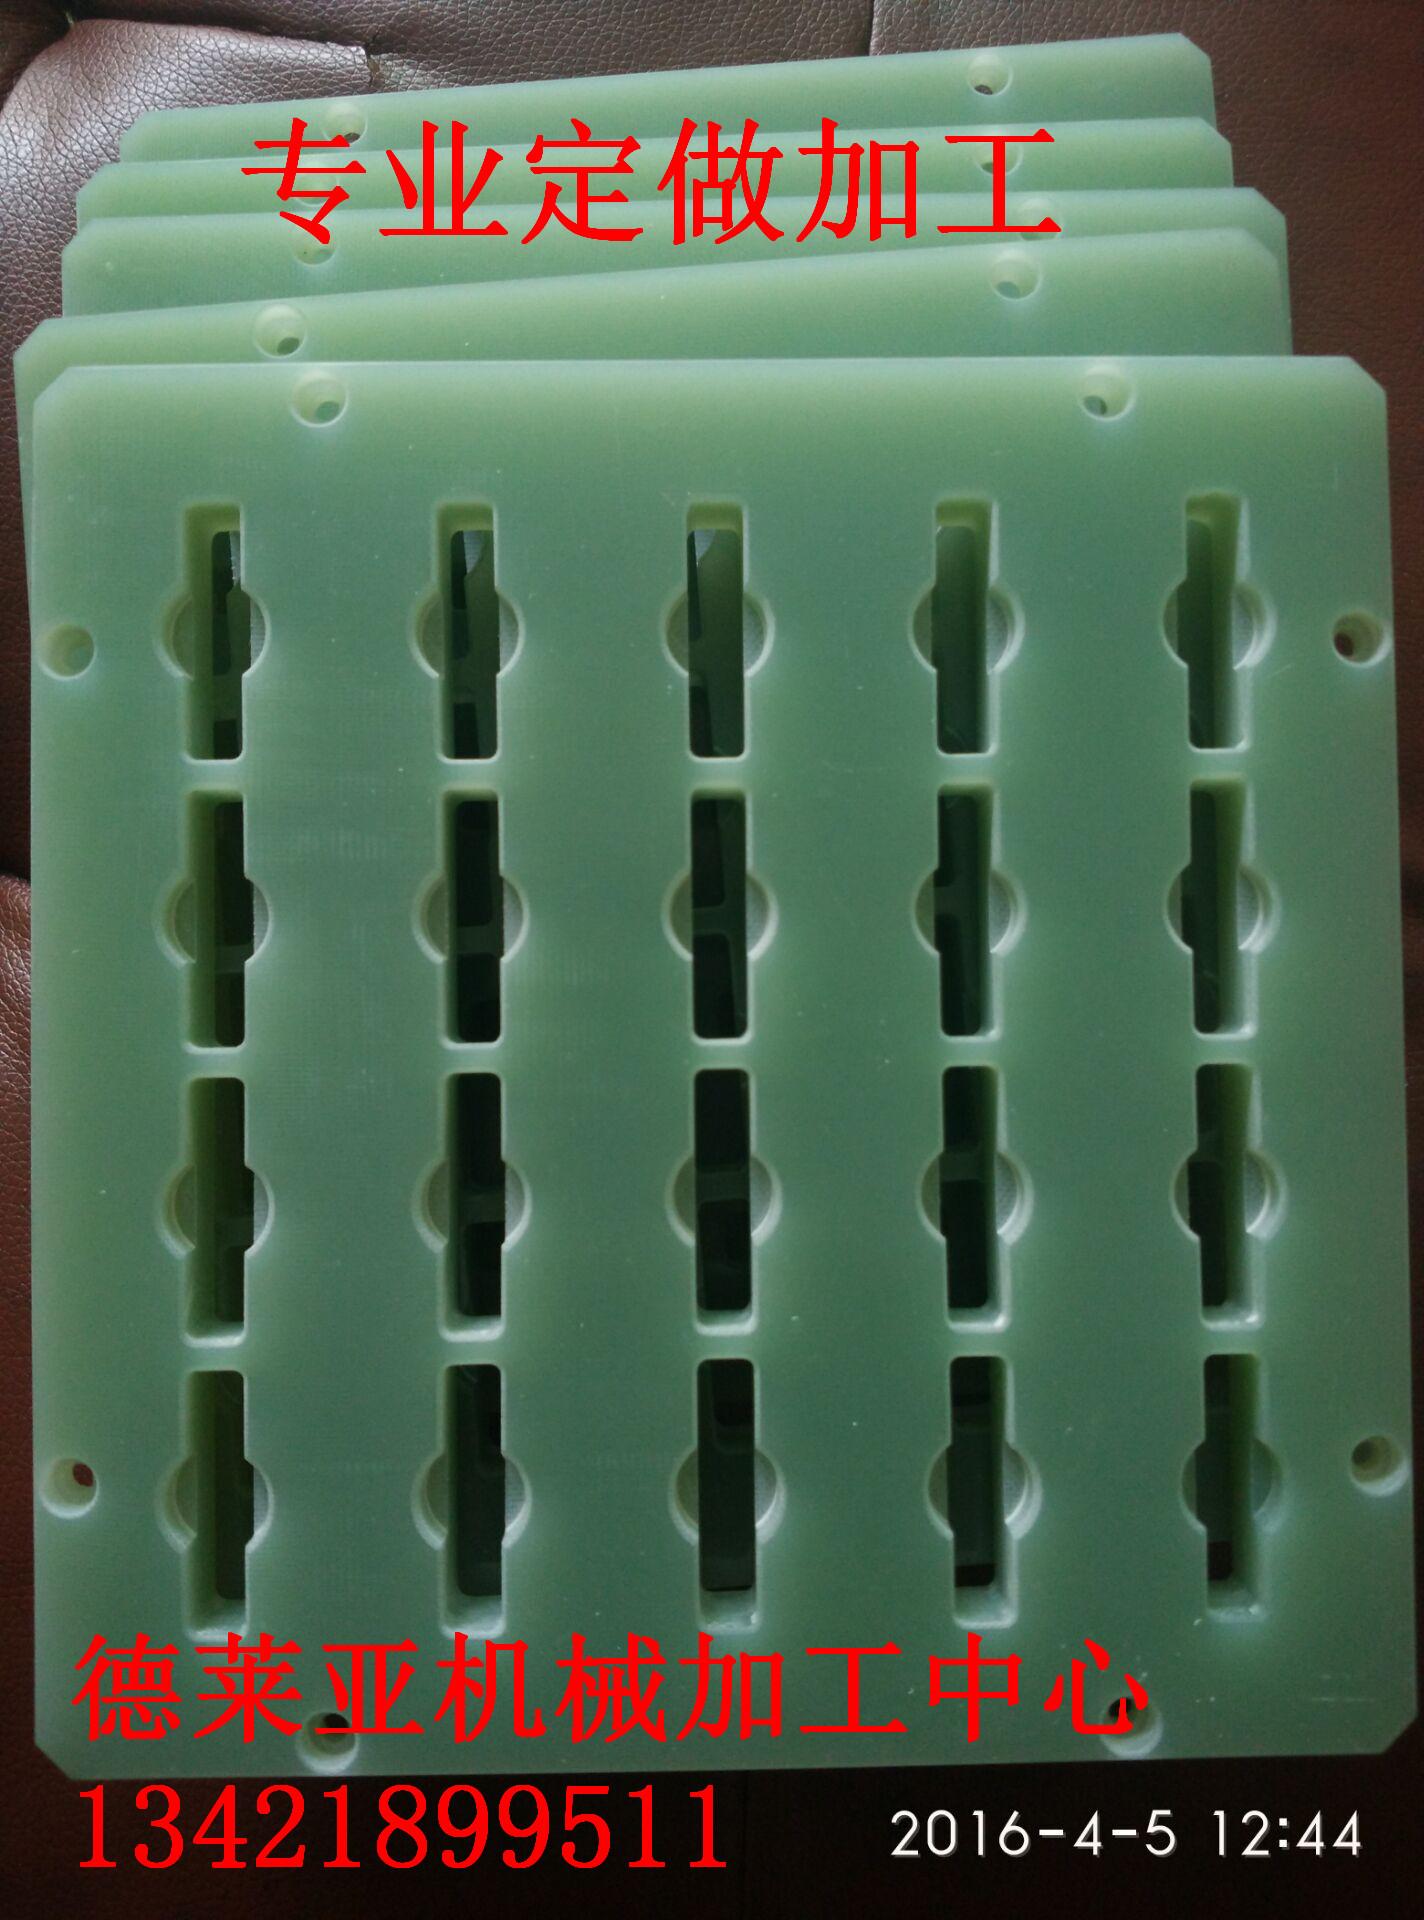 fr4 g10 epoksü - rakis klaaskiust plaadi teha hallitus isolatsiooni tükk impordi madala kinnitusdetailide kanda.